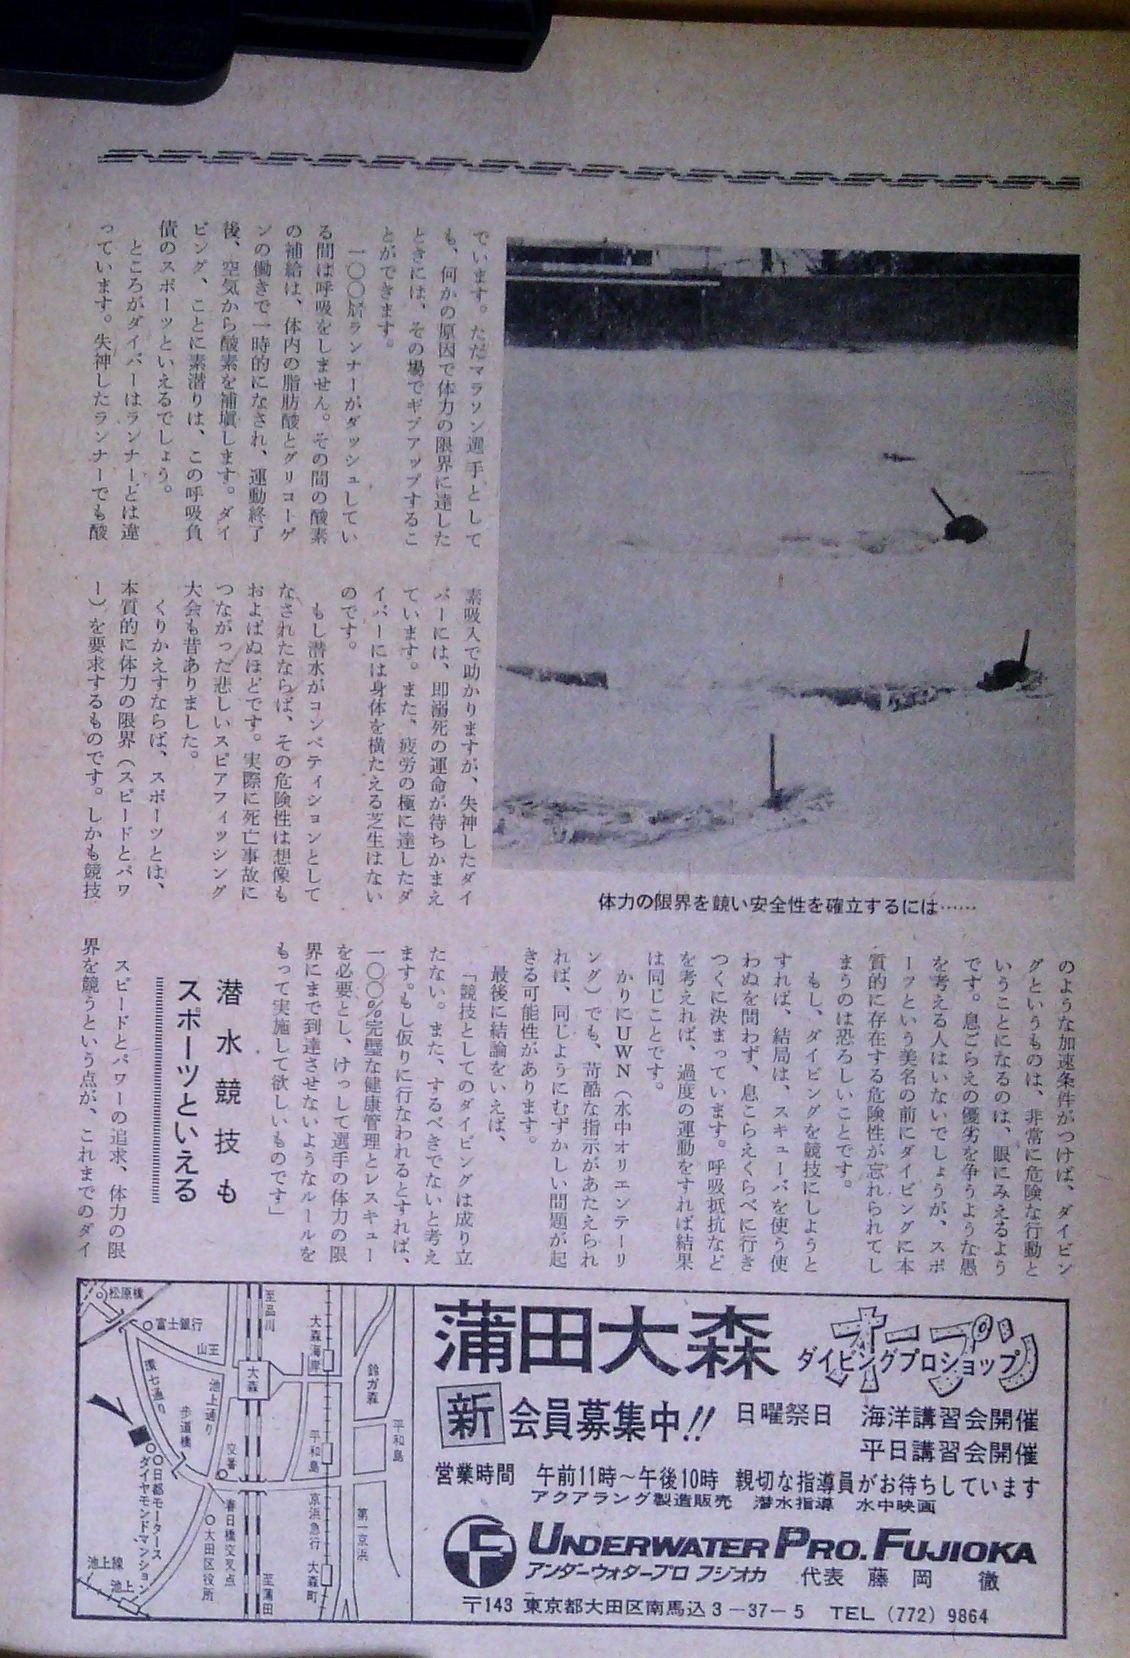 0513 ダイビングの歴史 70 海の世界 1974年 5月_b0075059_13275874.jpg